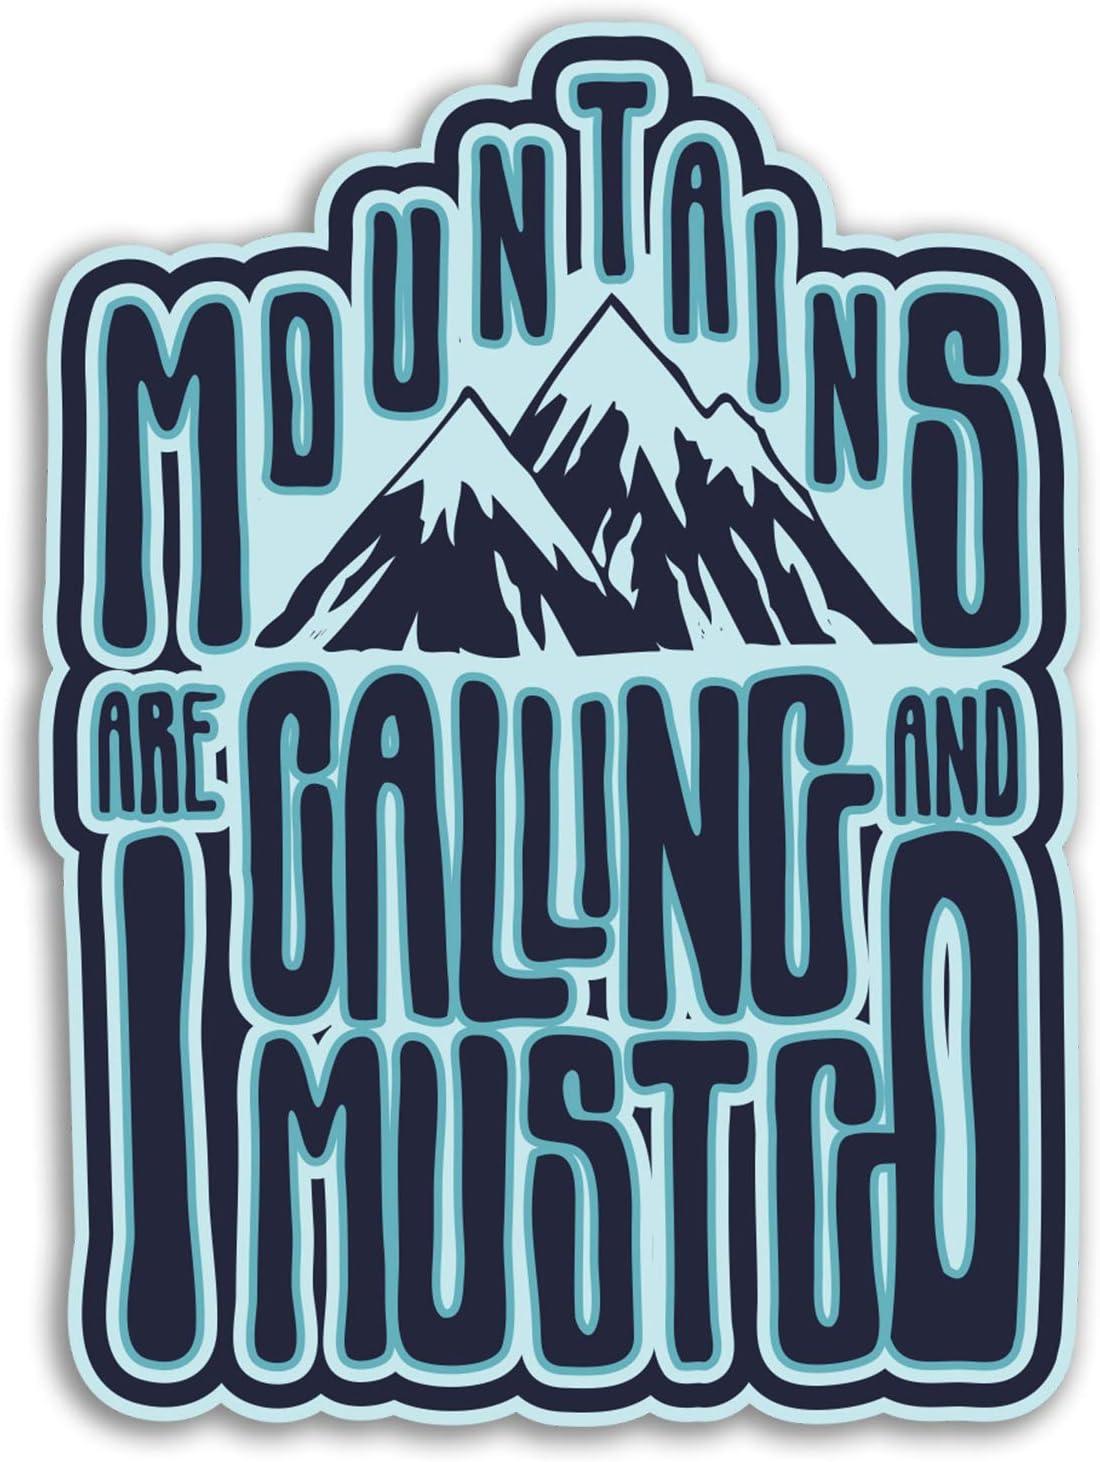 del viaje del equipaje # 19248 2 x 10cm monta/ñas de esqu/í snowboard pegatinas de vinilo 10 cm de altura